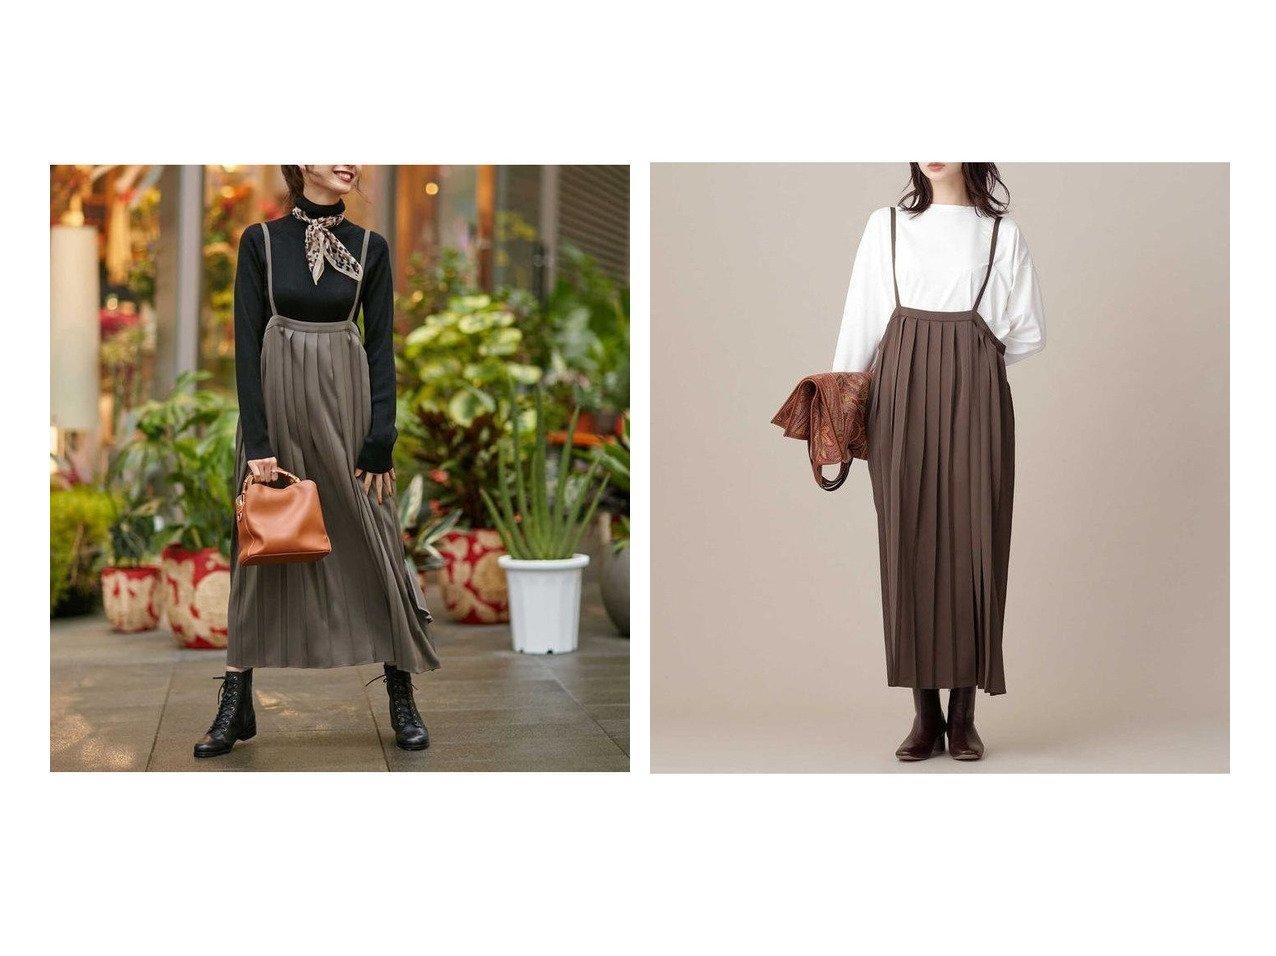 【nano universe/ナノ ユニバース】のプリーツサロペットスカート スカートのおすすめ!人気、レディースファッションの通販 おすすめで人気のファッション通販商品 インテリア・家具・キッズファッション・メンズファッション・レディースファッション・服の通販 founy(ファニー) https://founy.com/ ファッション Fashion レディース WOMEN ワンピース Dress サロペット Salopette 今季 サテン トレンド プリーツ ラップ ロング ワイド 秋冬 A/W Autumn/ Winter |ID:crp329100000002192